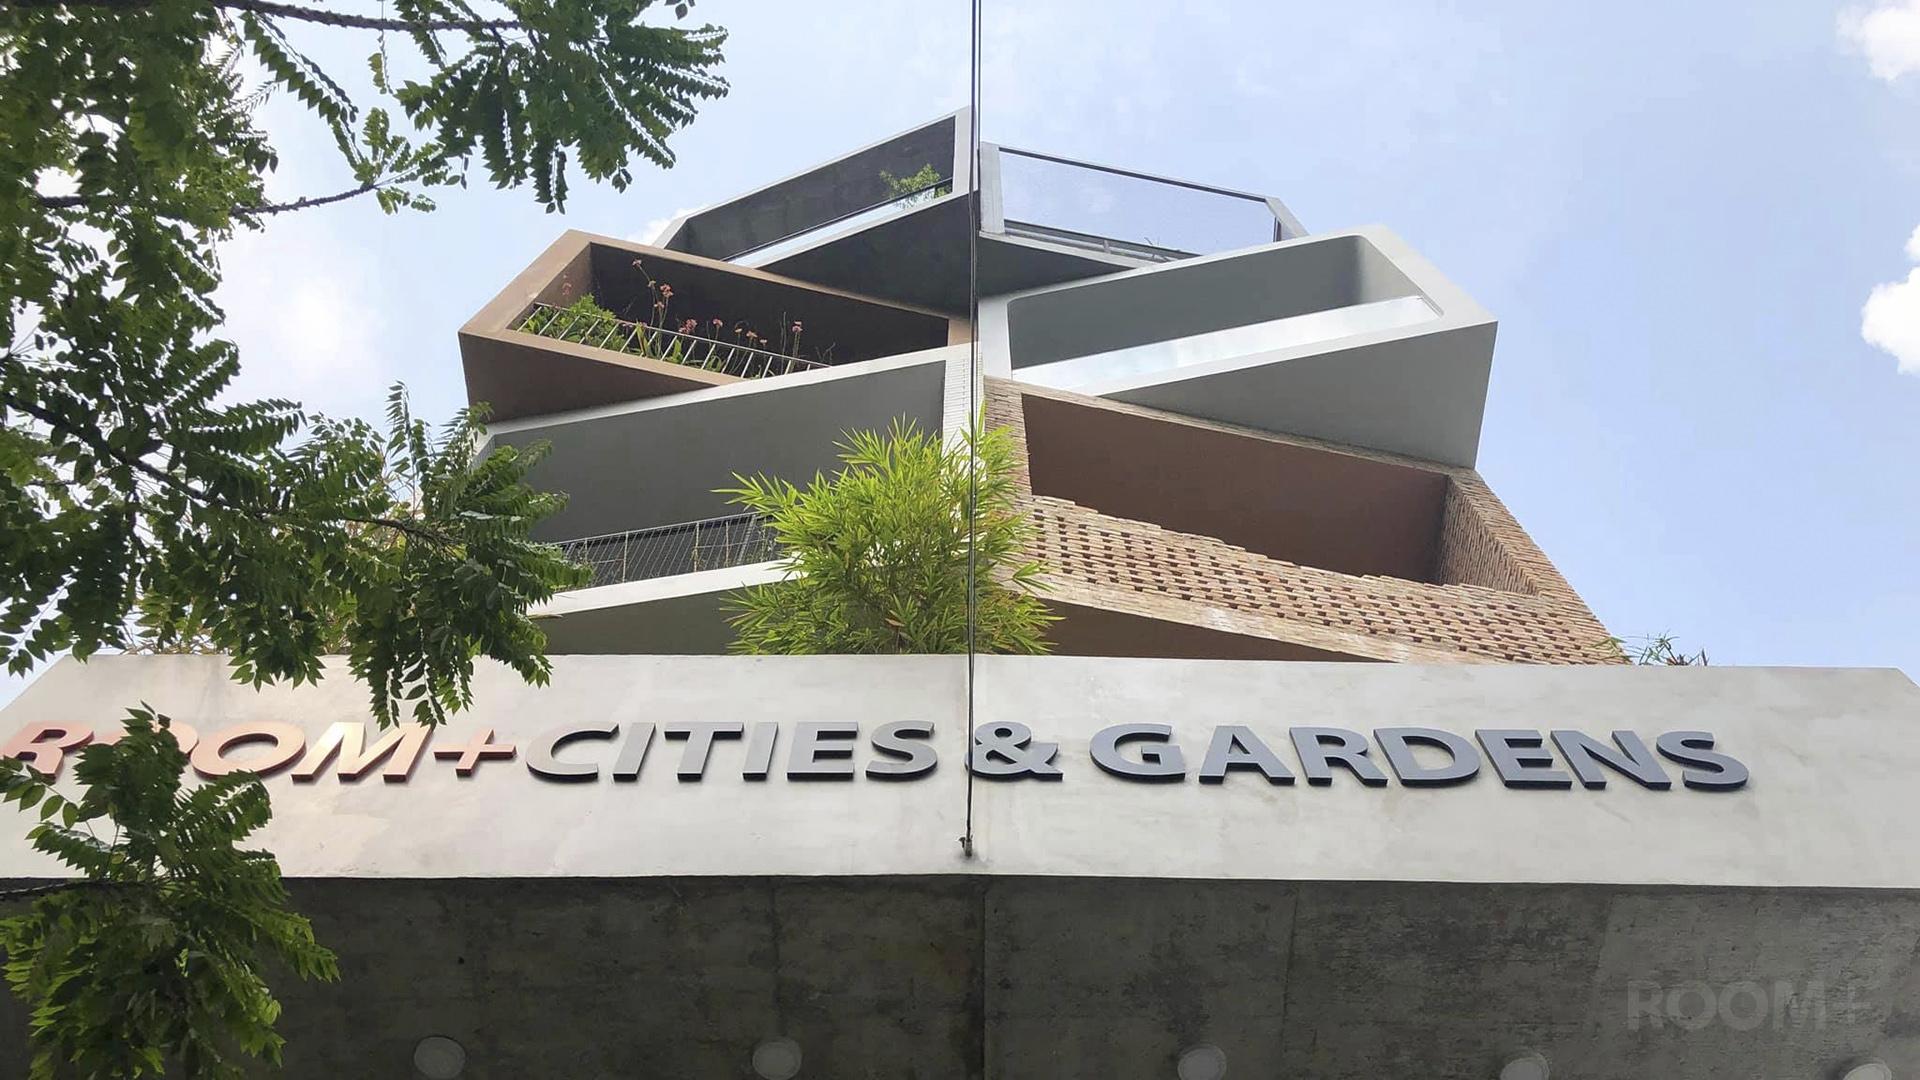 Cities & Gardens Building